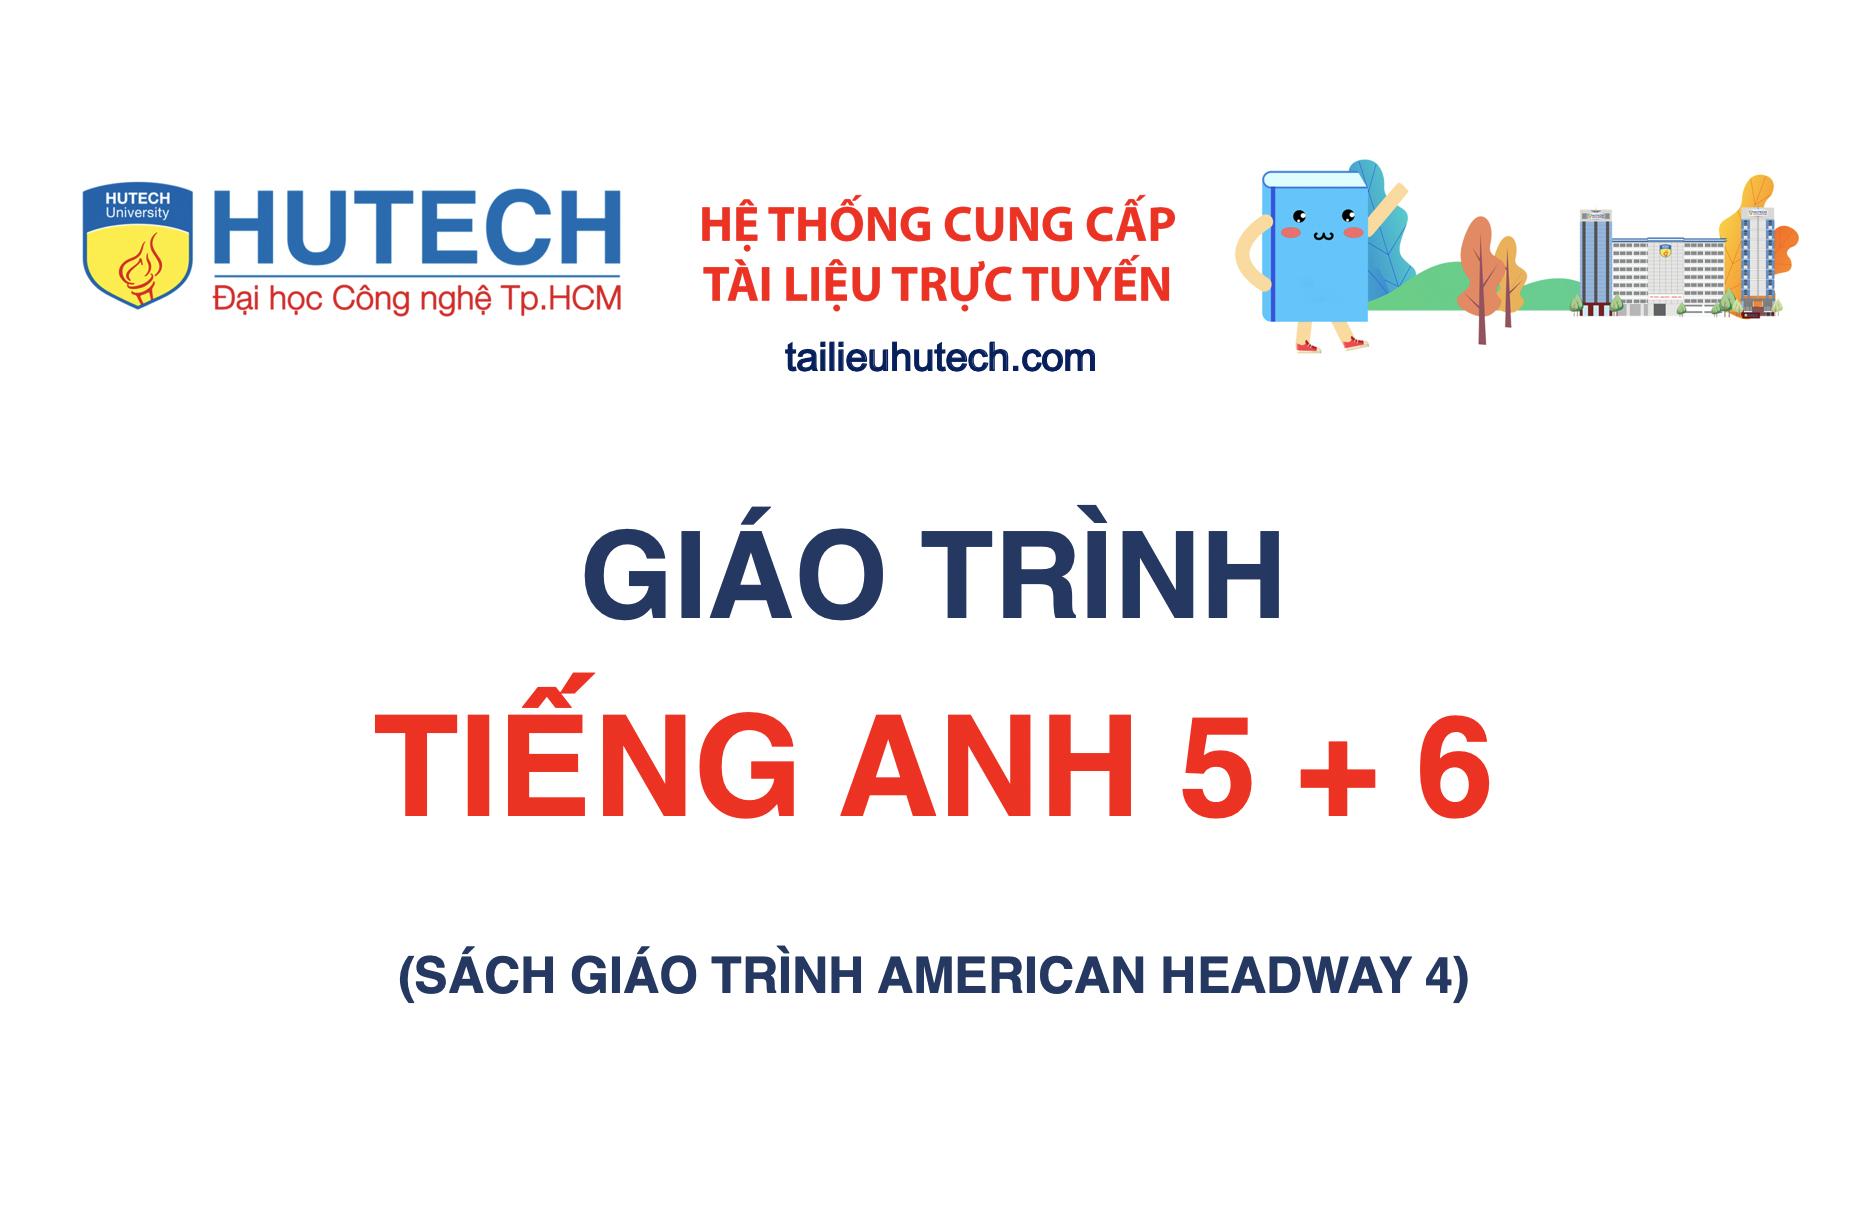 [Giáo trình] Tiếng Anh 5 + 6 (American Headway)